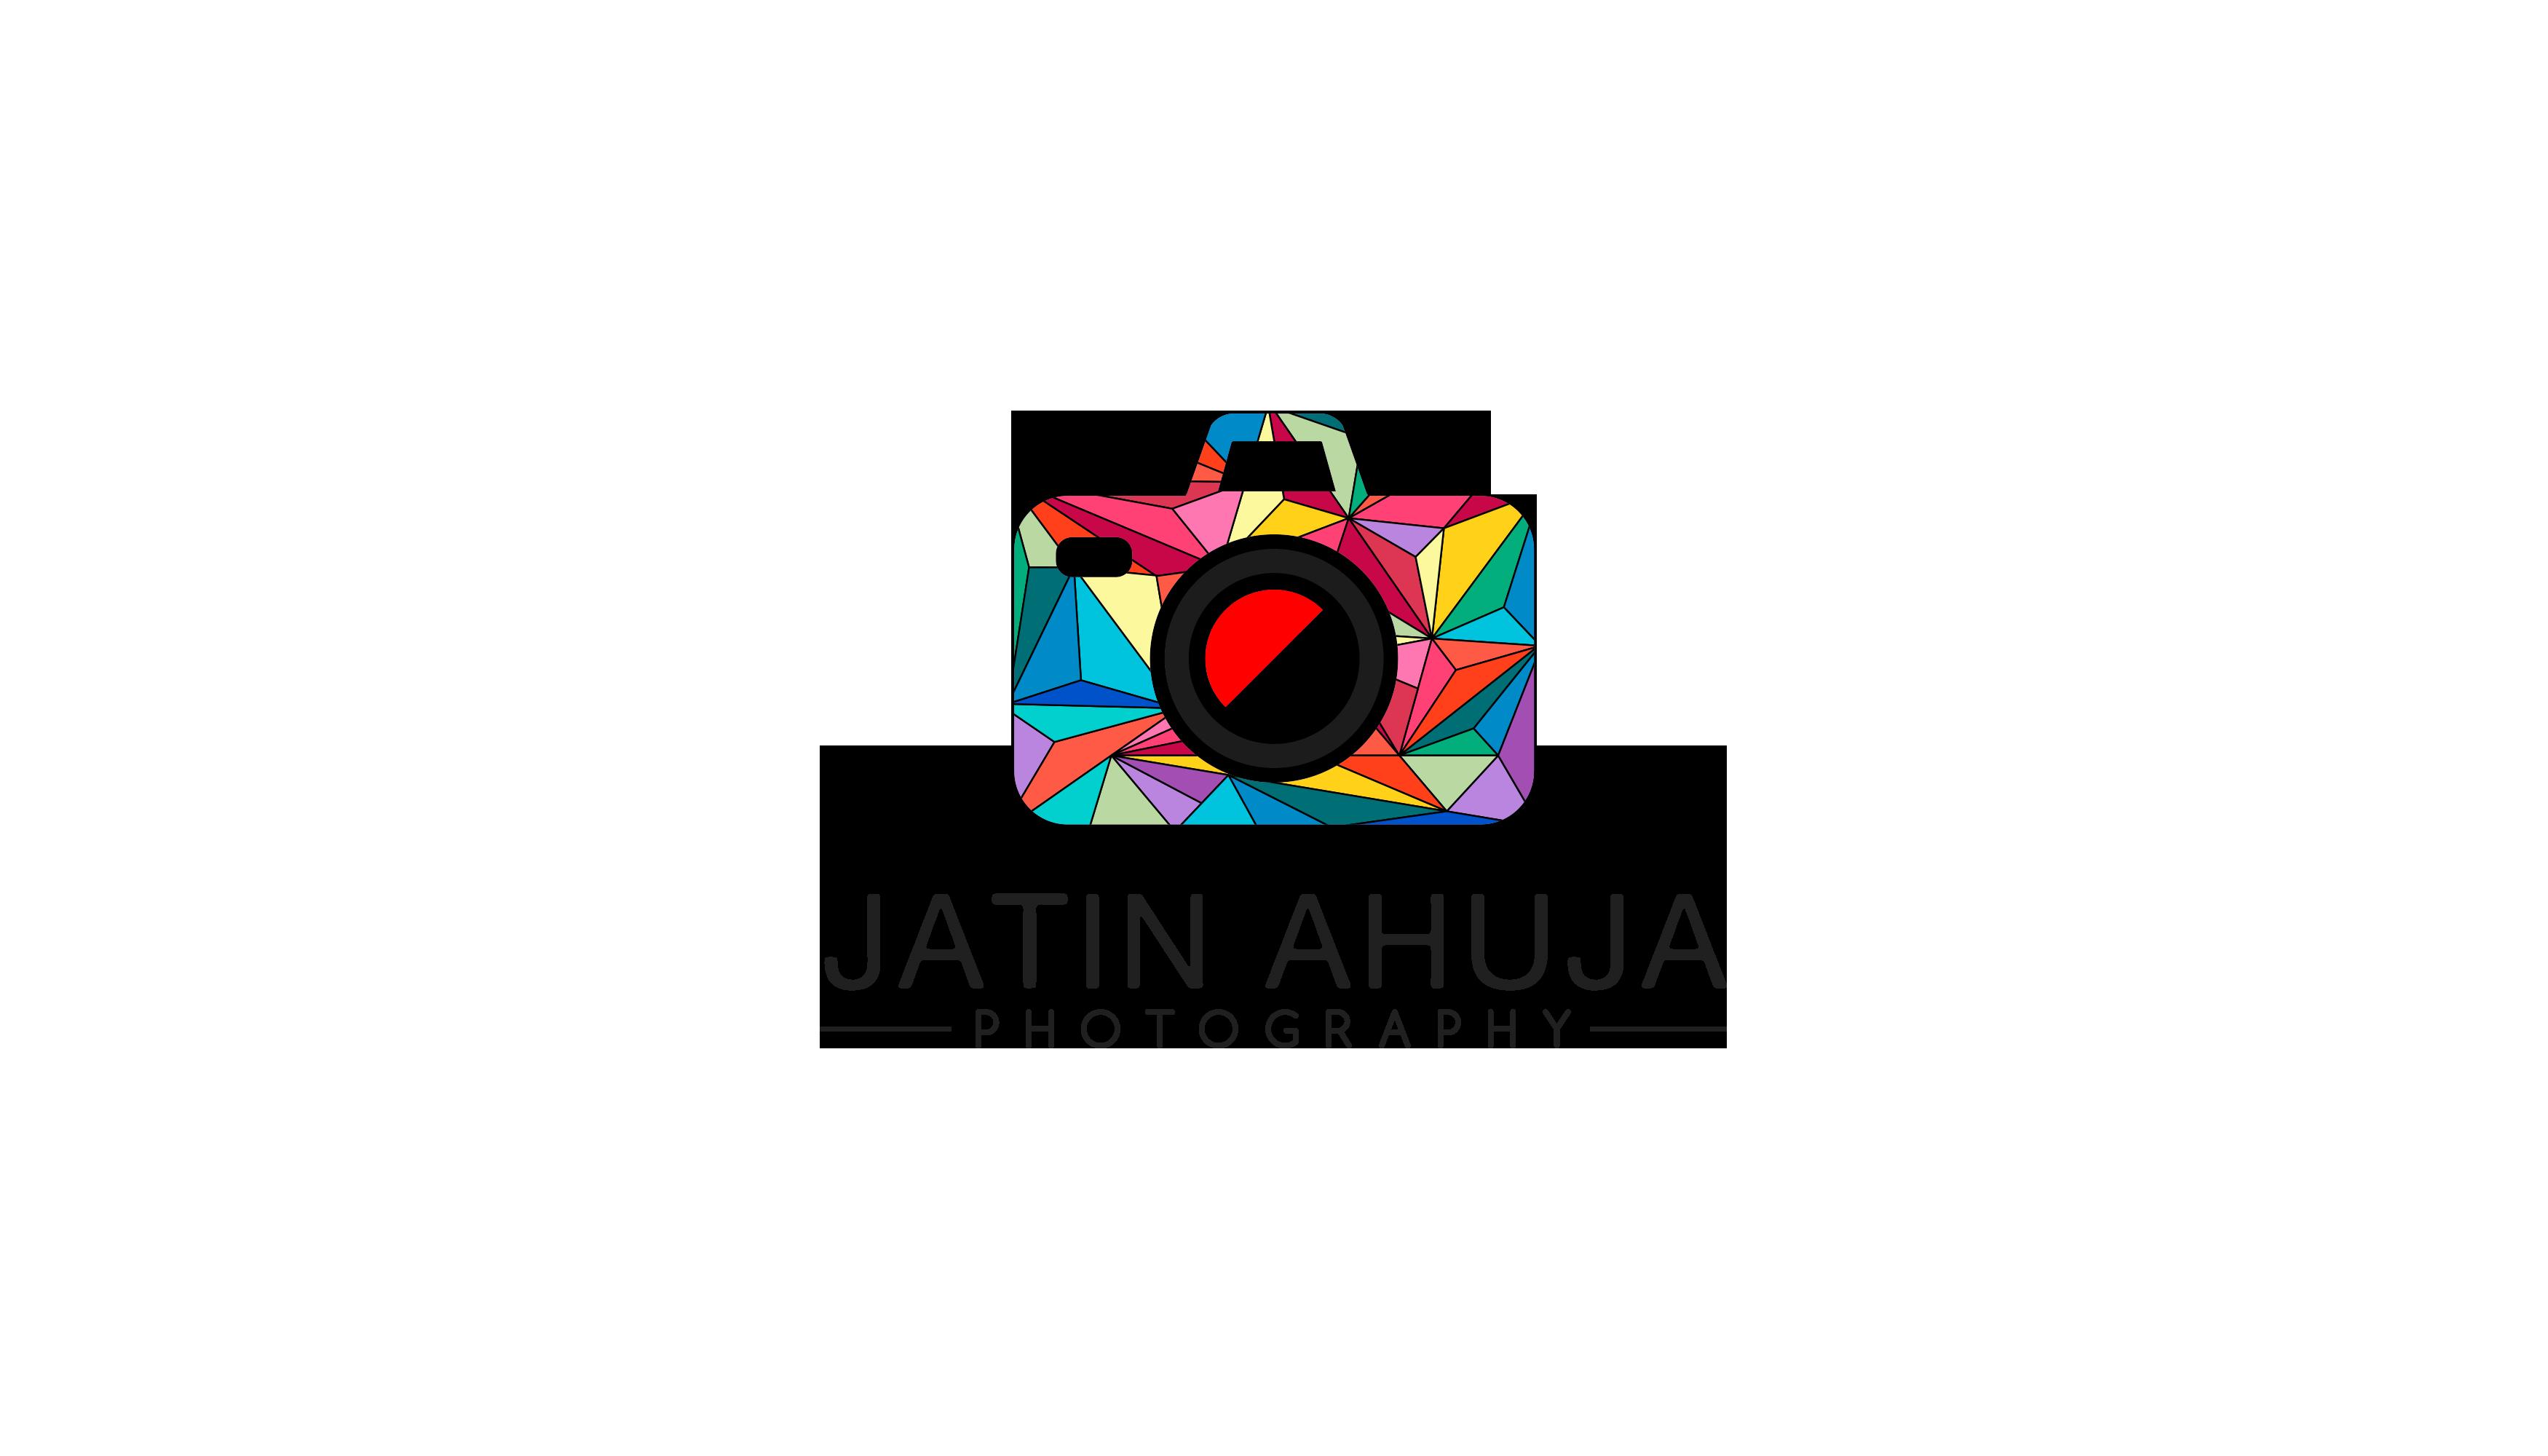 Jatin Ahuja Photography